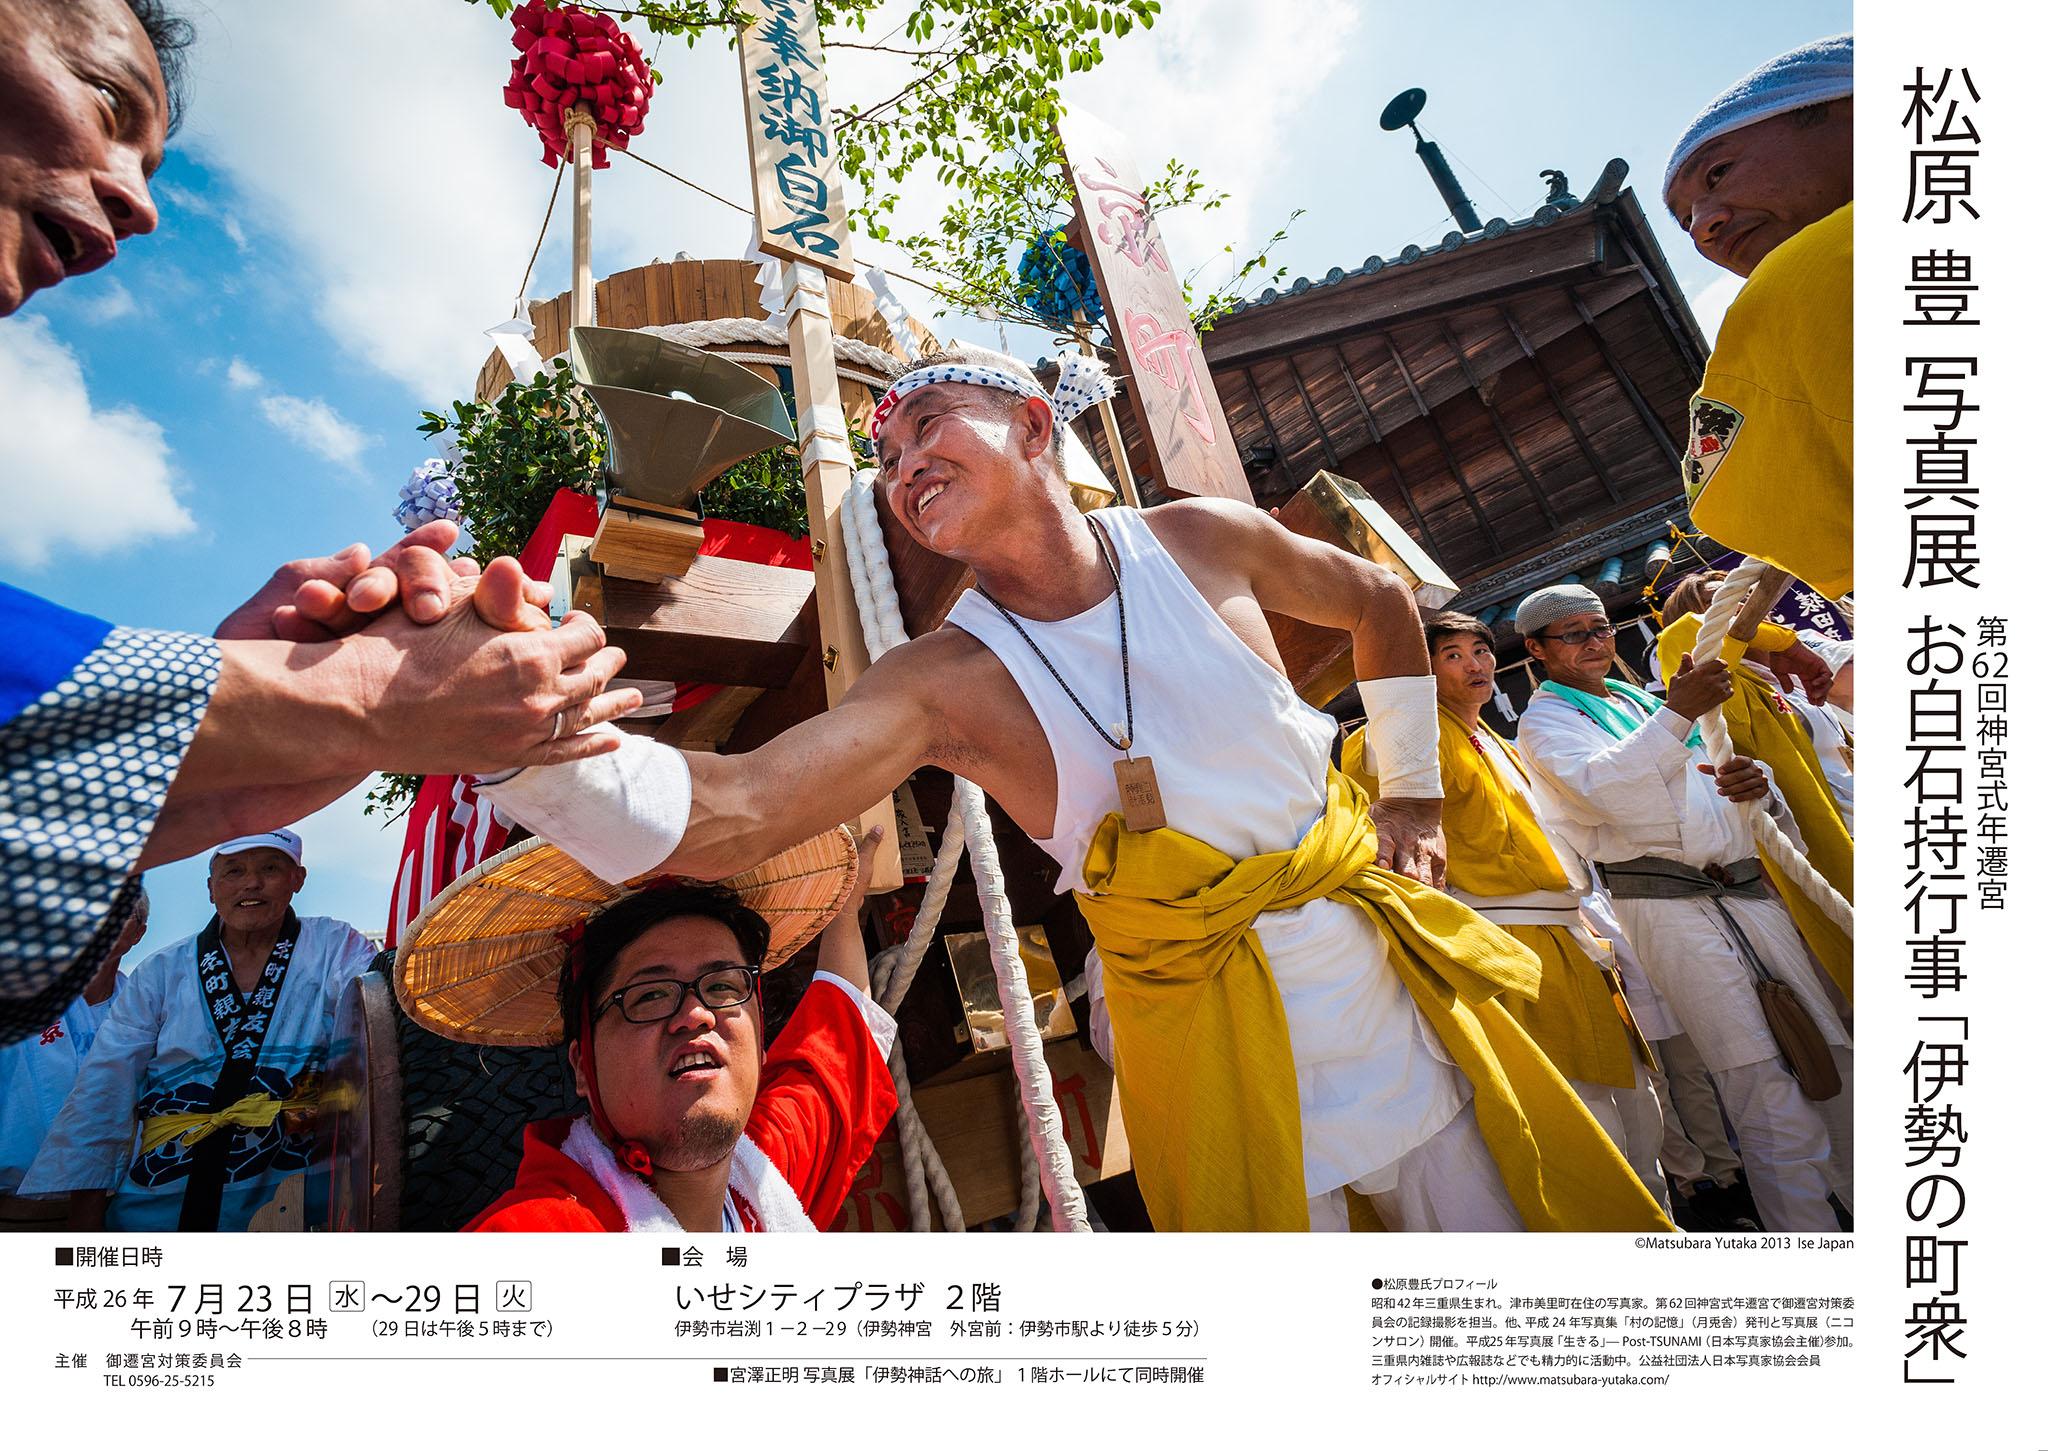 2014年松原豊写真展お白石持行事「伊勢の町衆」ポスター